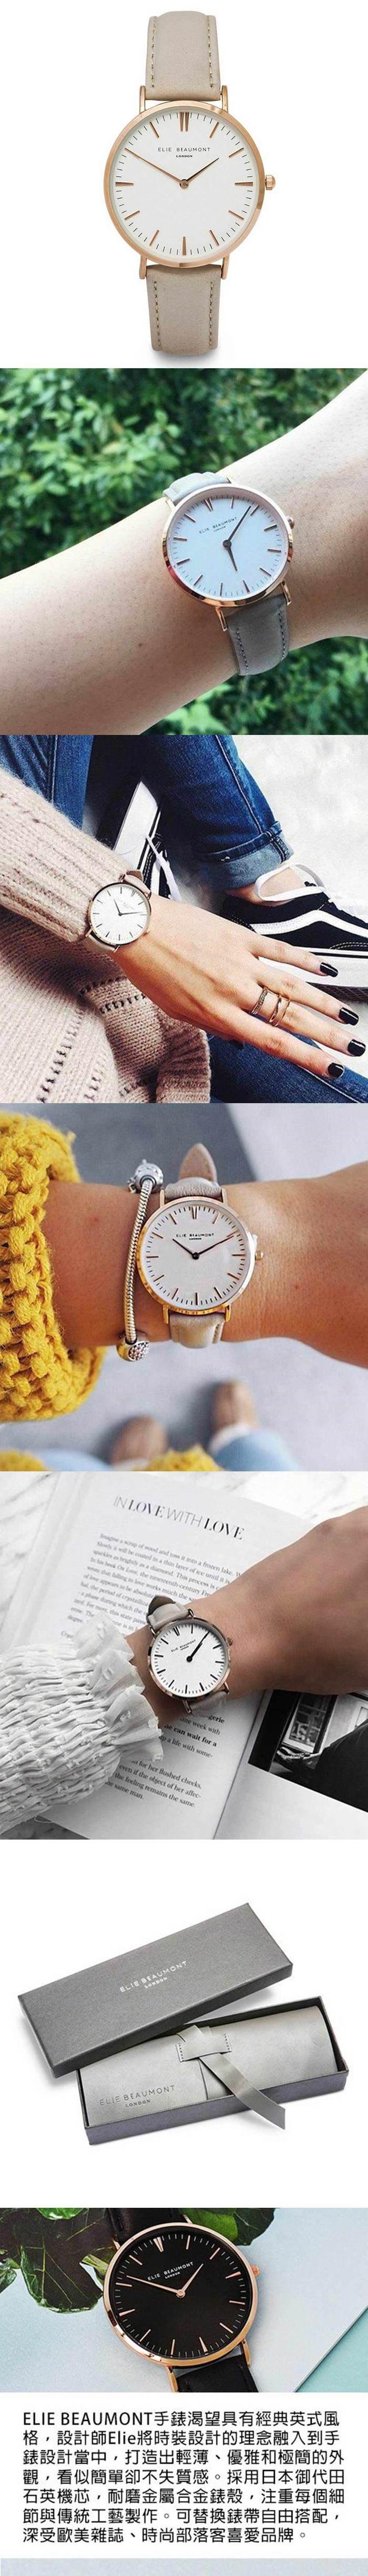 (複製)Elie Beaumont 英國時尚手錶 BAYSWATER系列 白錶盤x玫瑰金錶框x褐色皮革錶帶28mm